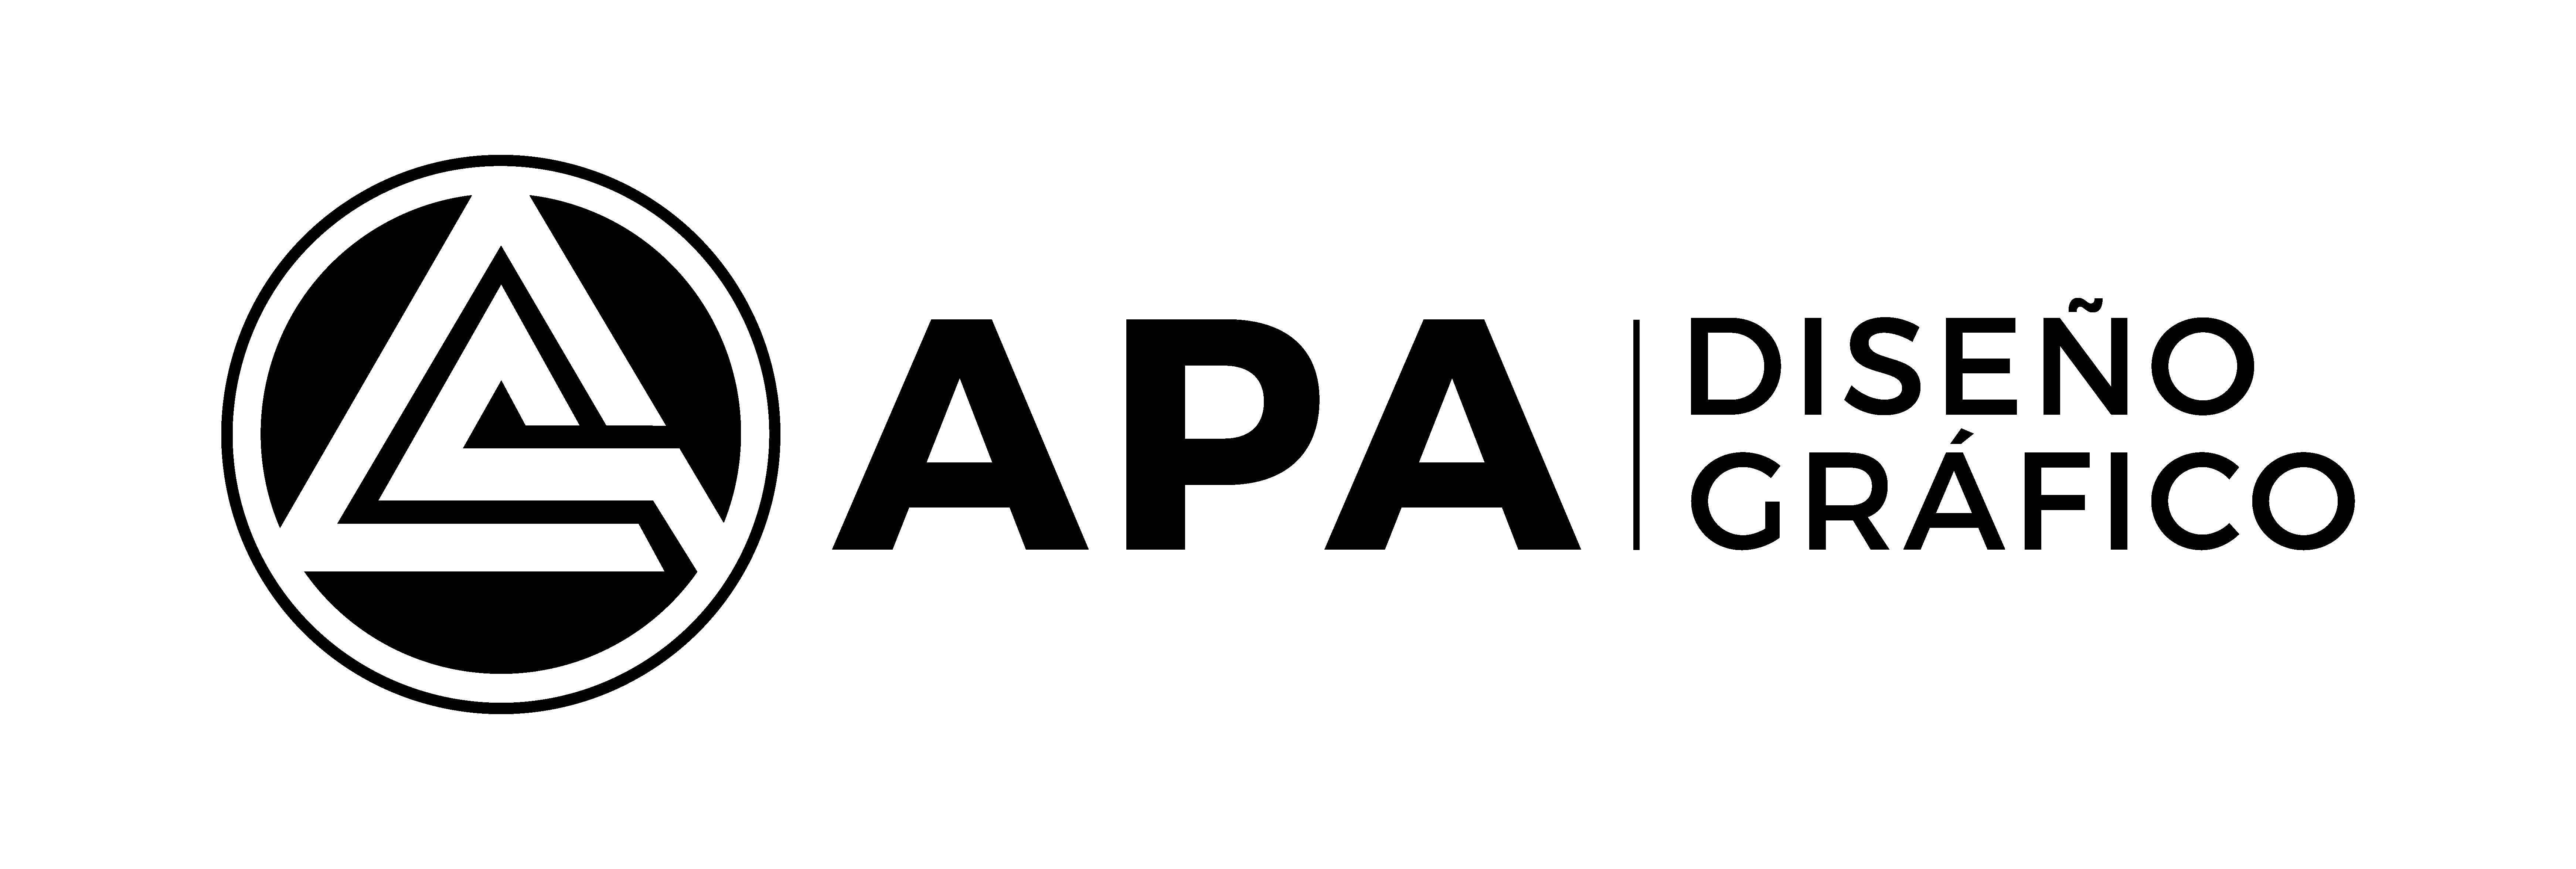 APA Diseño Gráfico